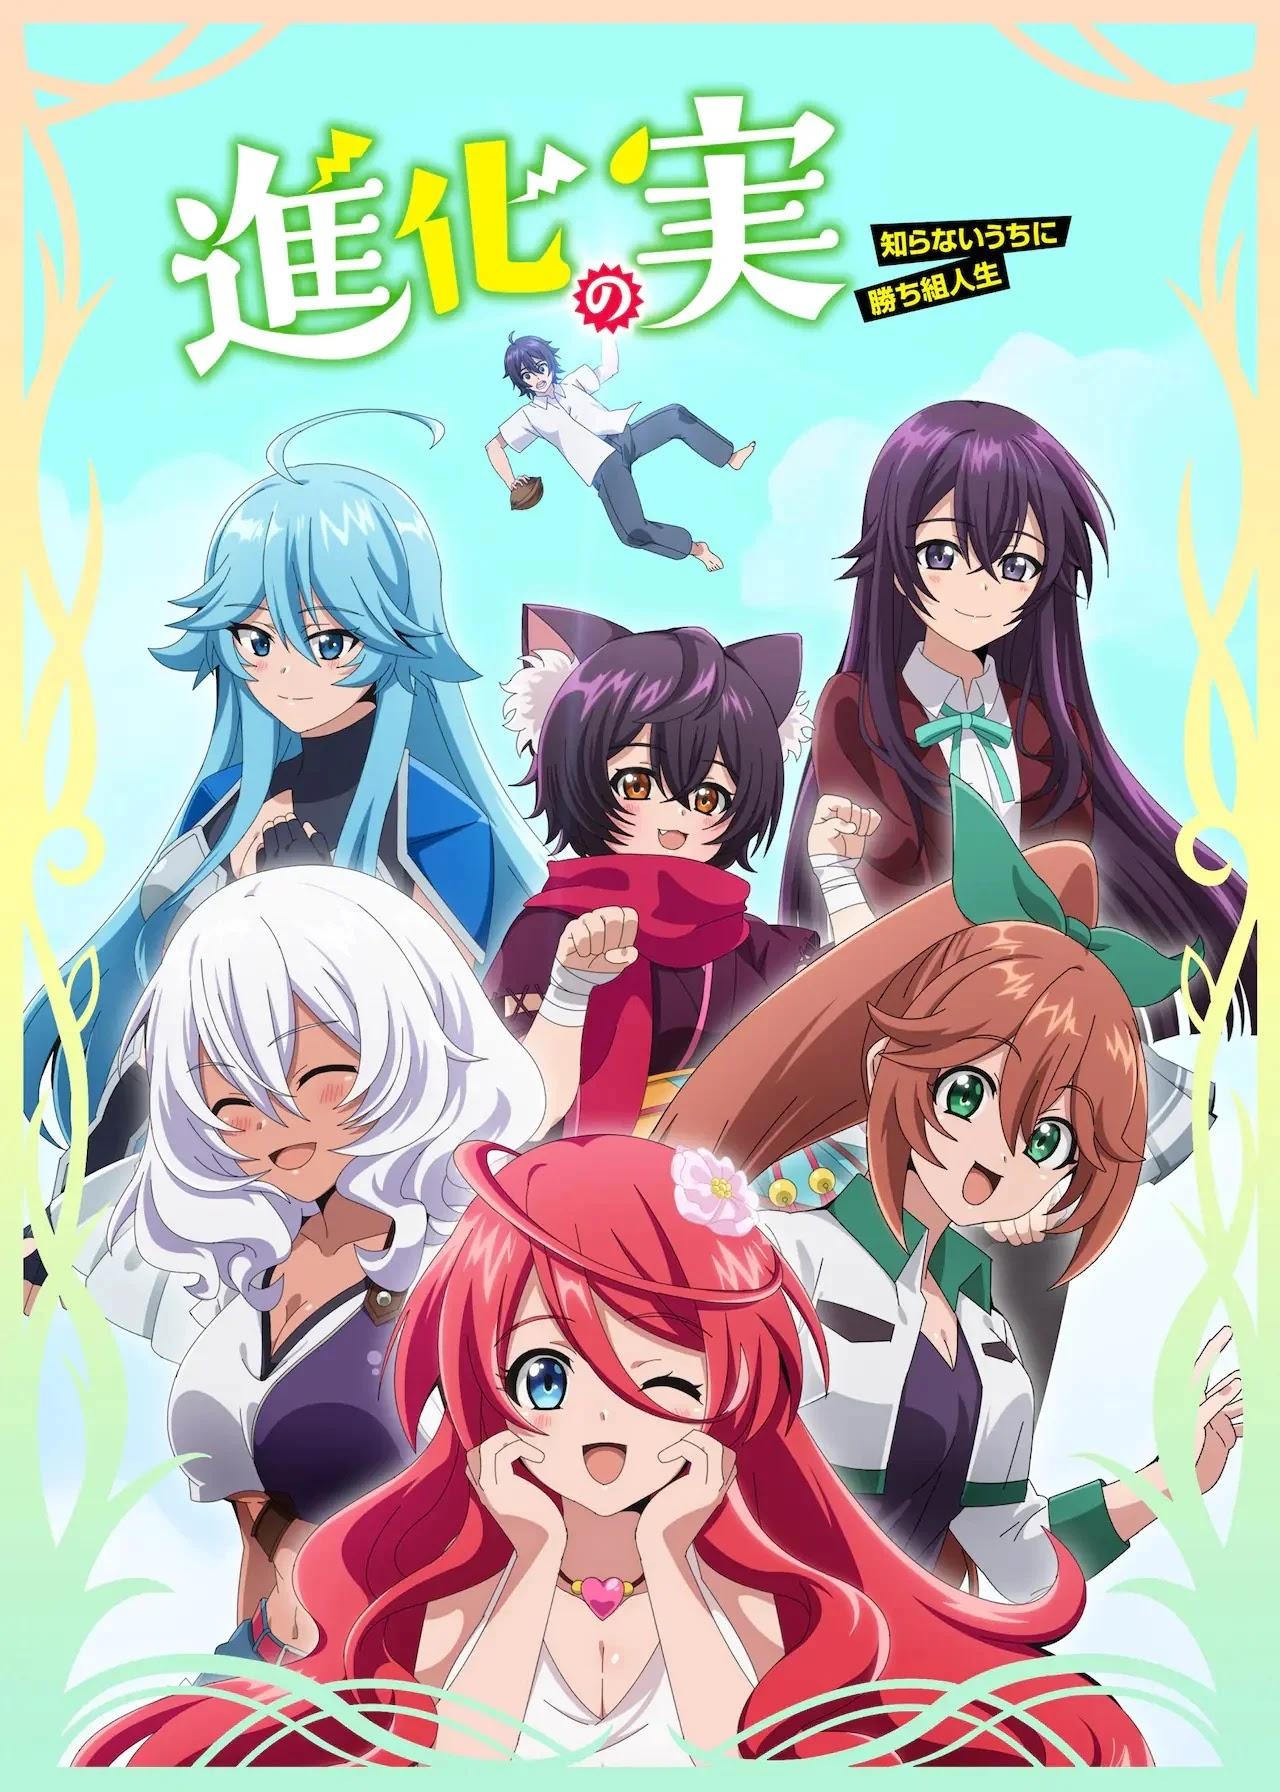 Anime Shinka no Mi: Shiranai Uchi ni Kachigumi Jinsei revela novo trailer e confirma data de estreia